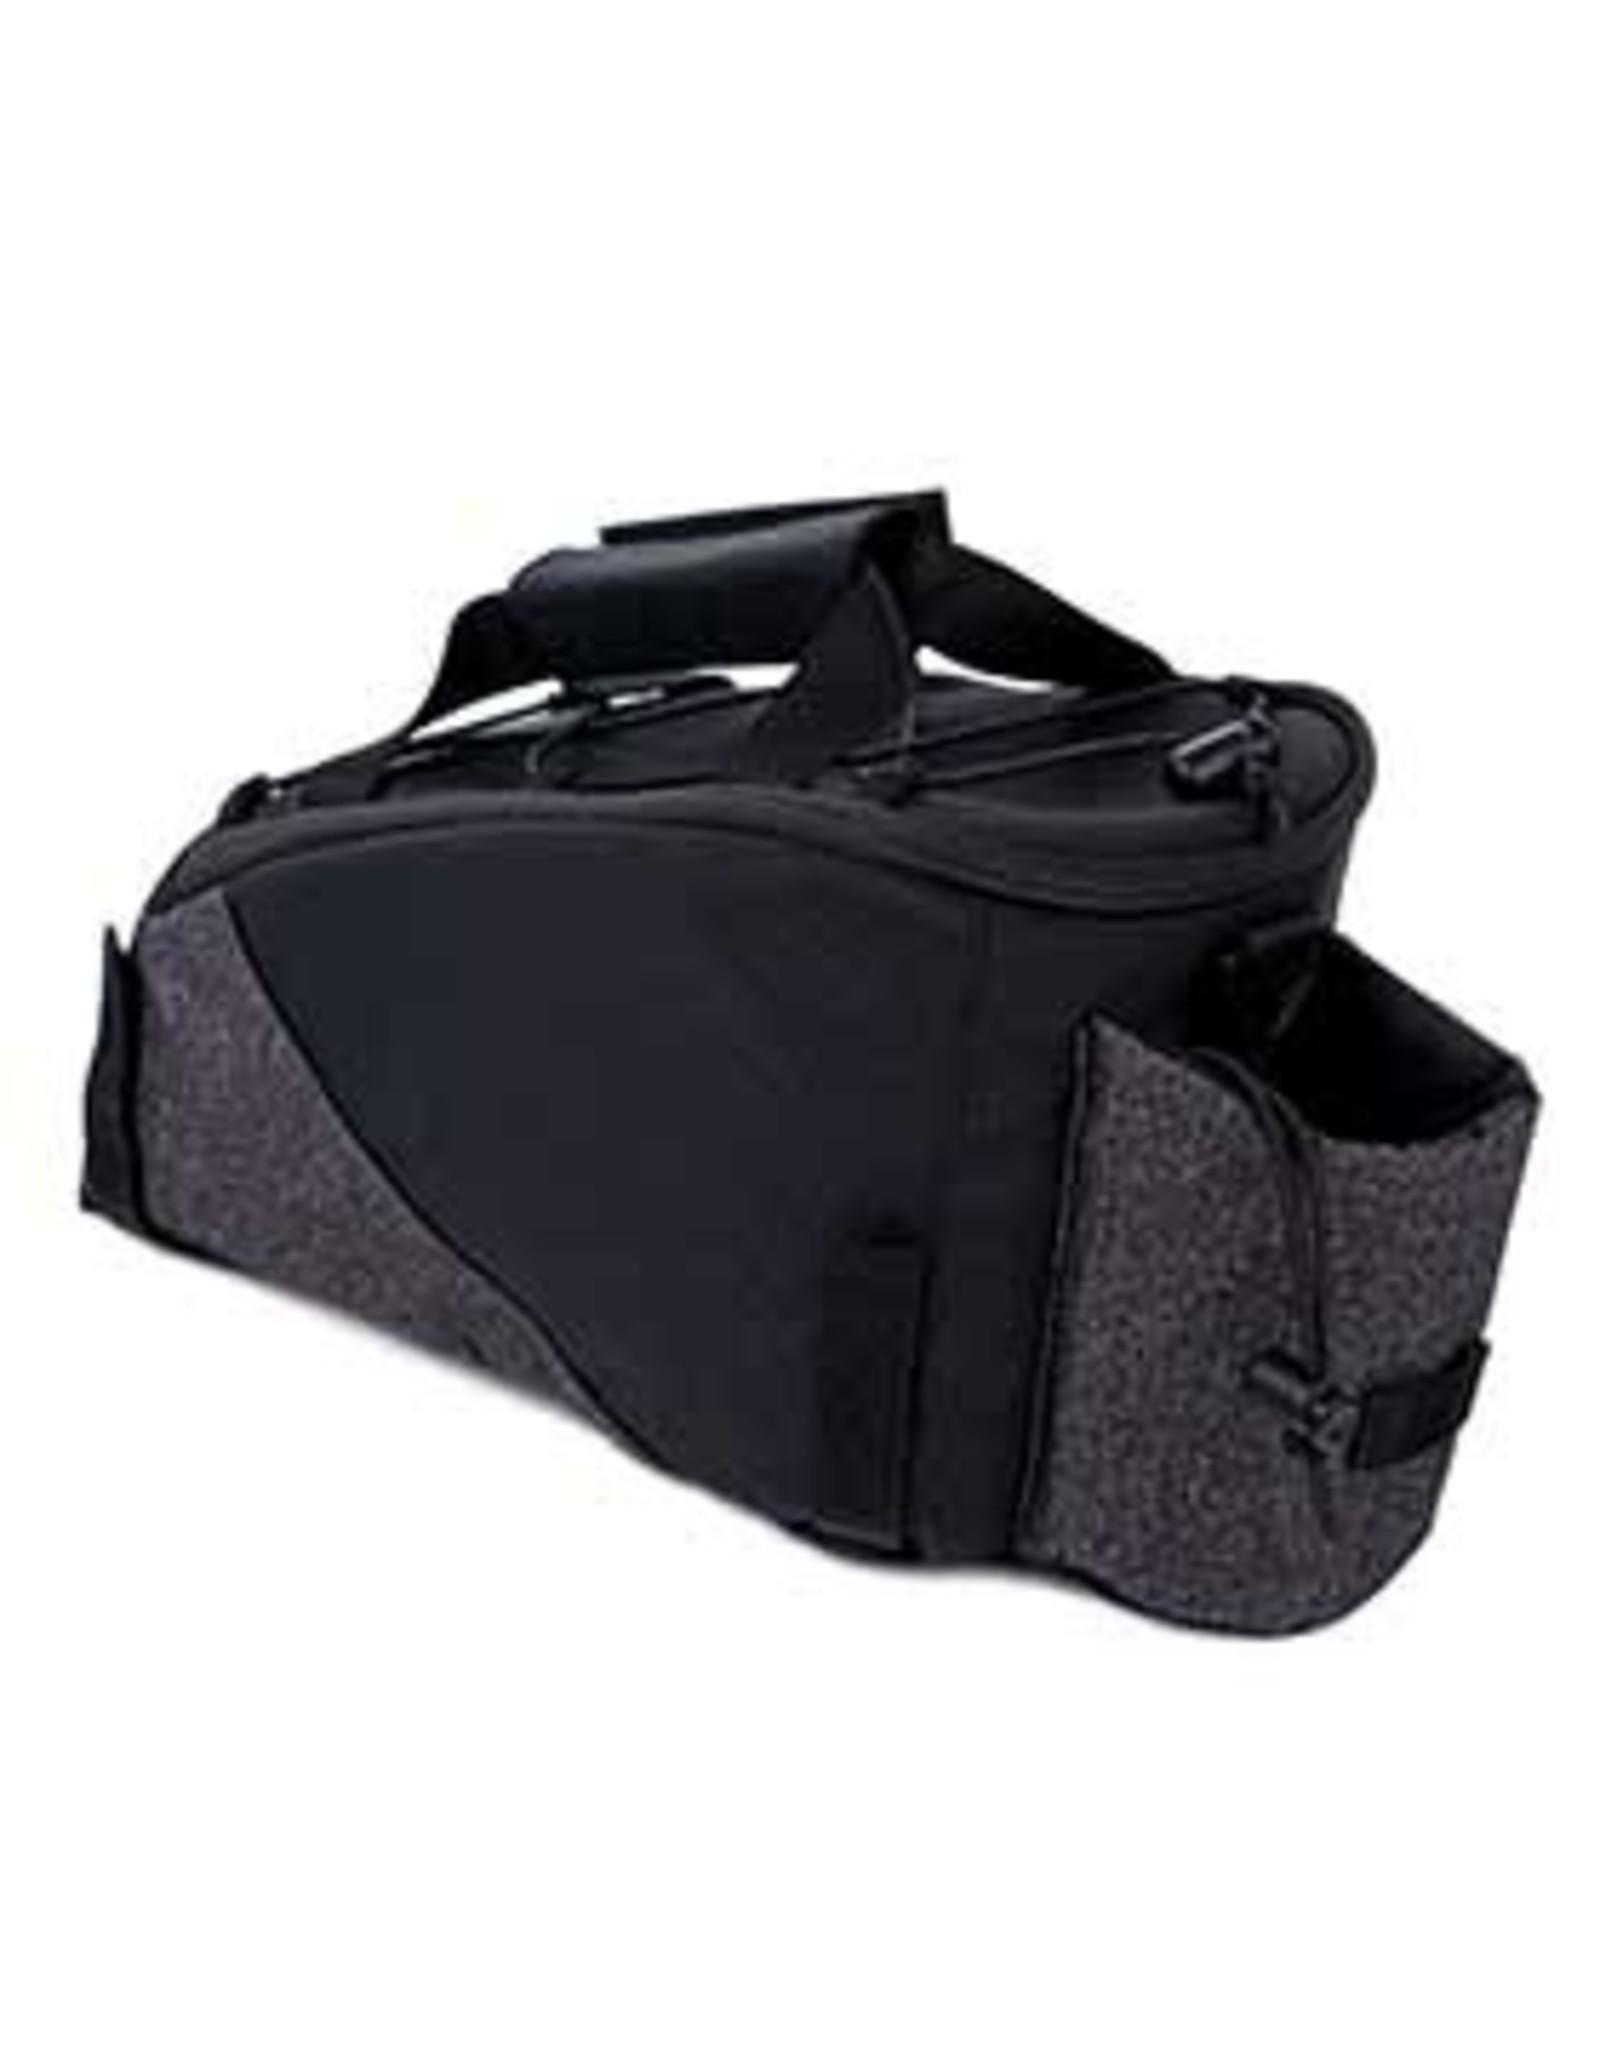 EVO H2O Trunk Bag, Black/Grey